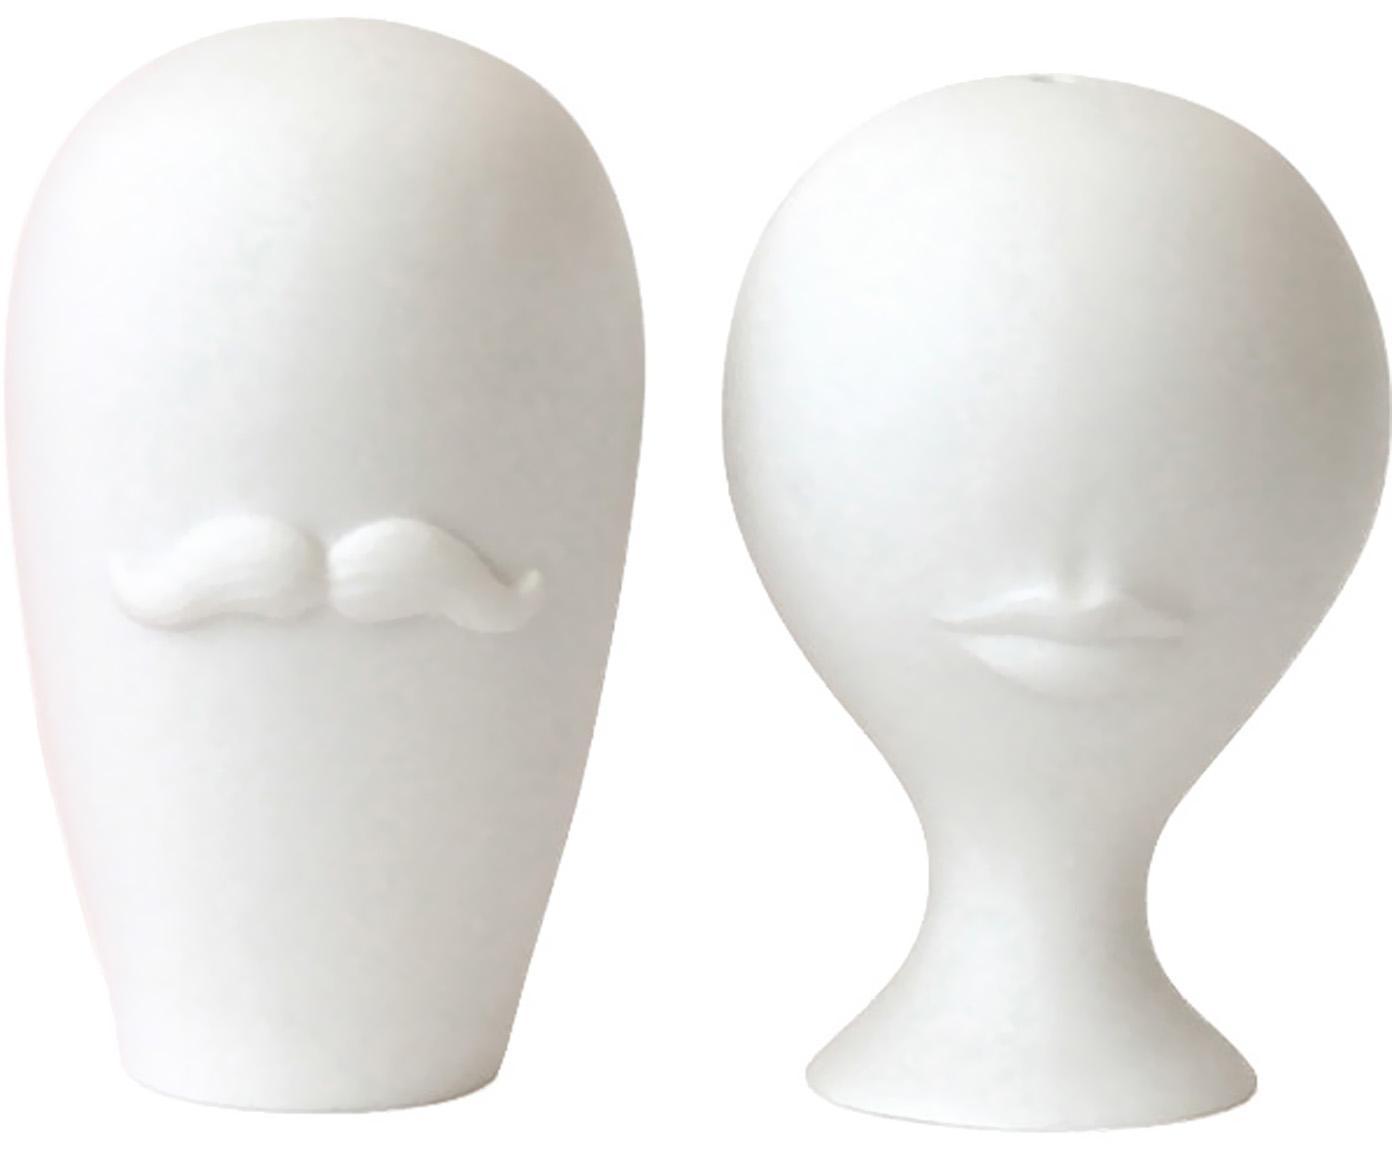 Designer Salz- und Pfefferstreuer Muse, 2er-Set, Porzellan, Weiß, Ø 5 x H 8 cm